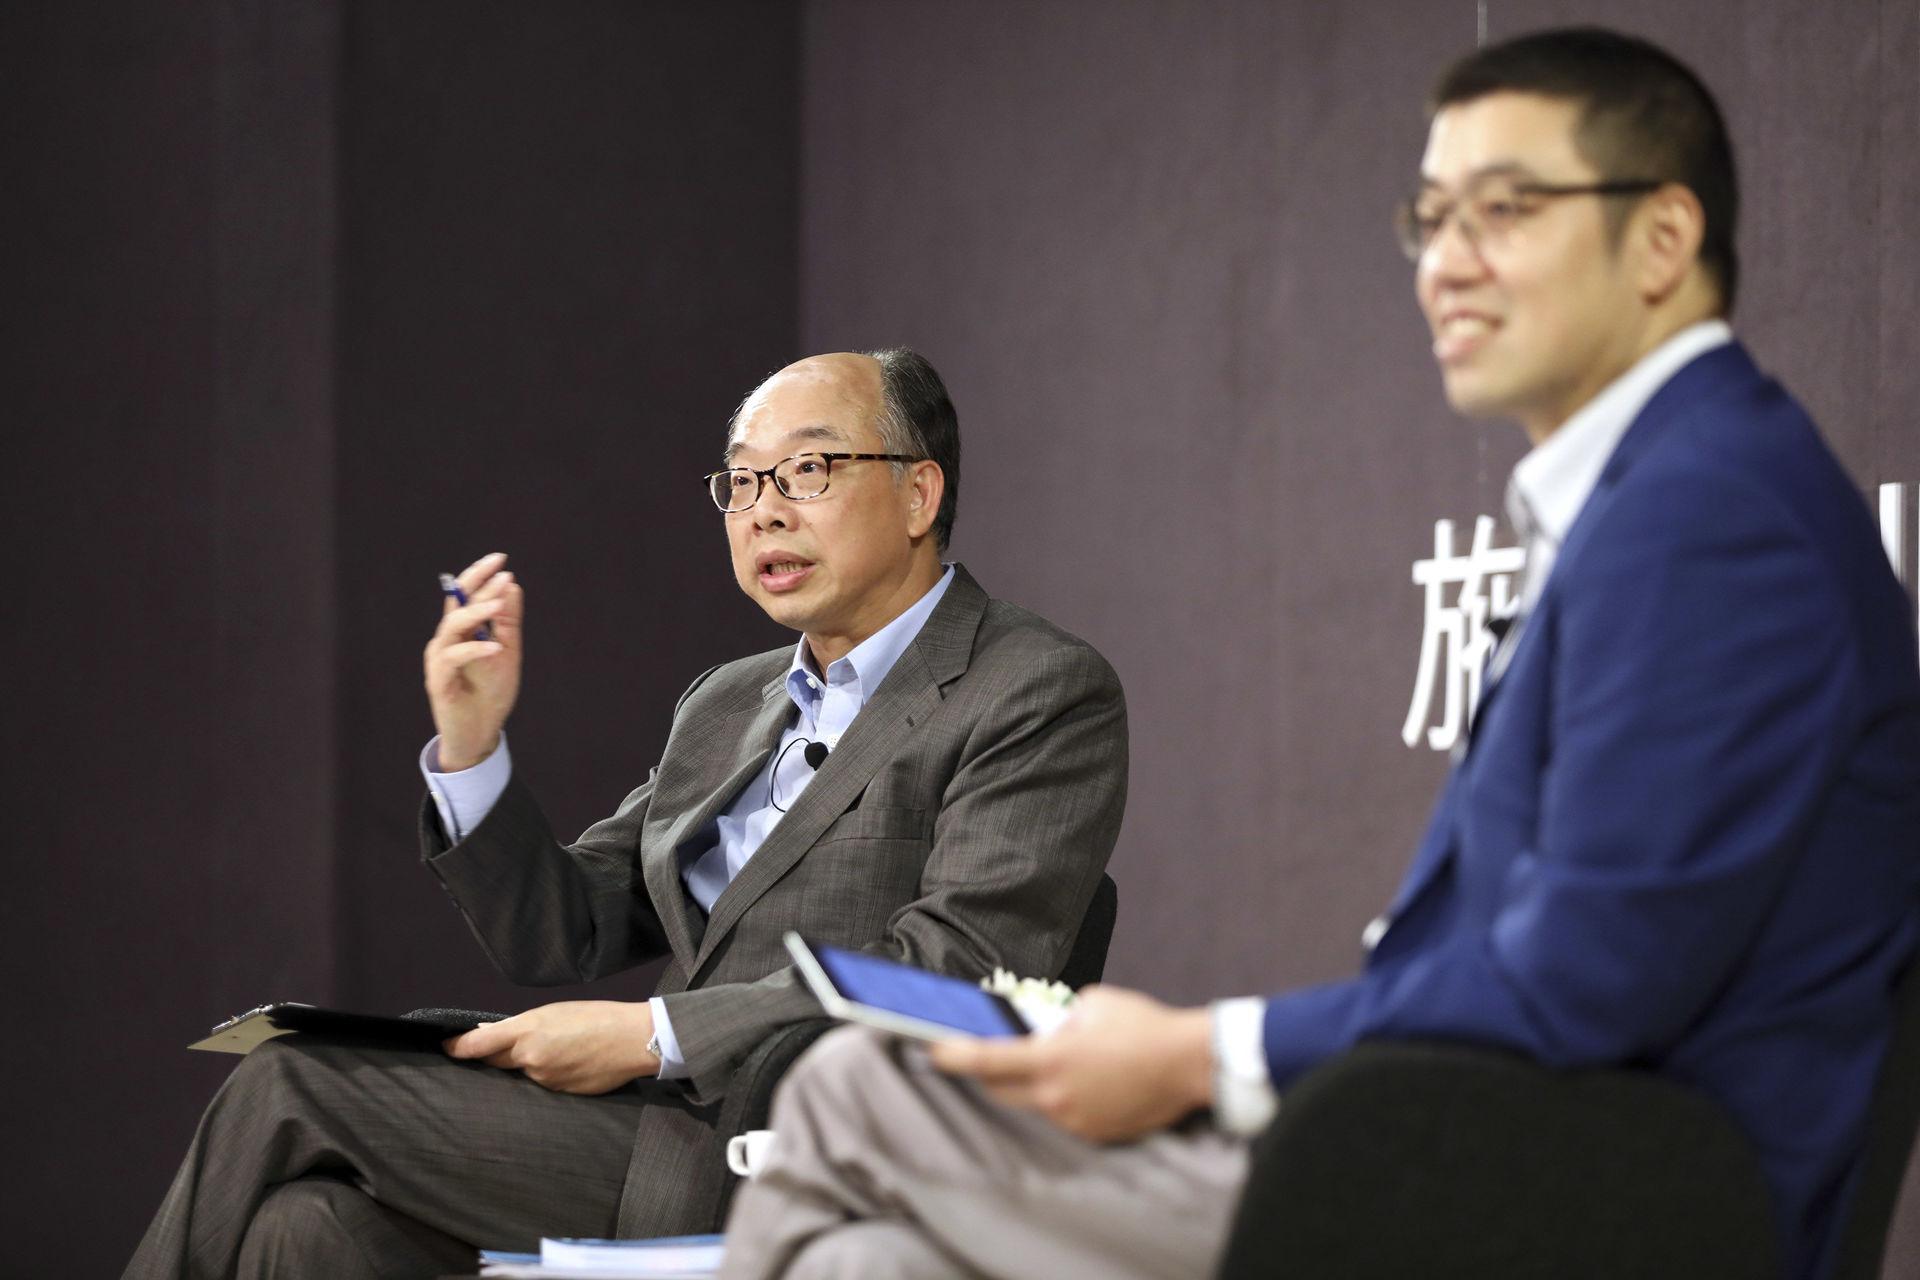 運輸及房屋局局長陳帆與青年談施政